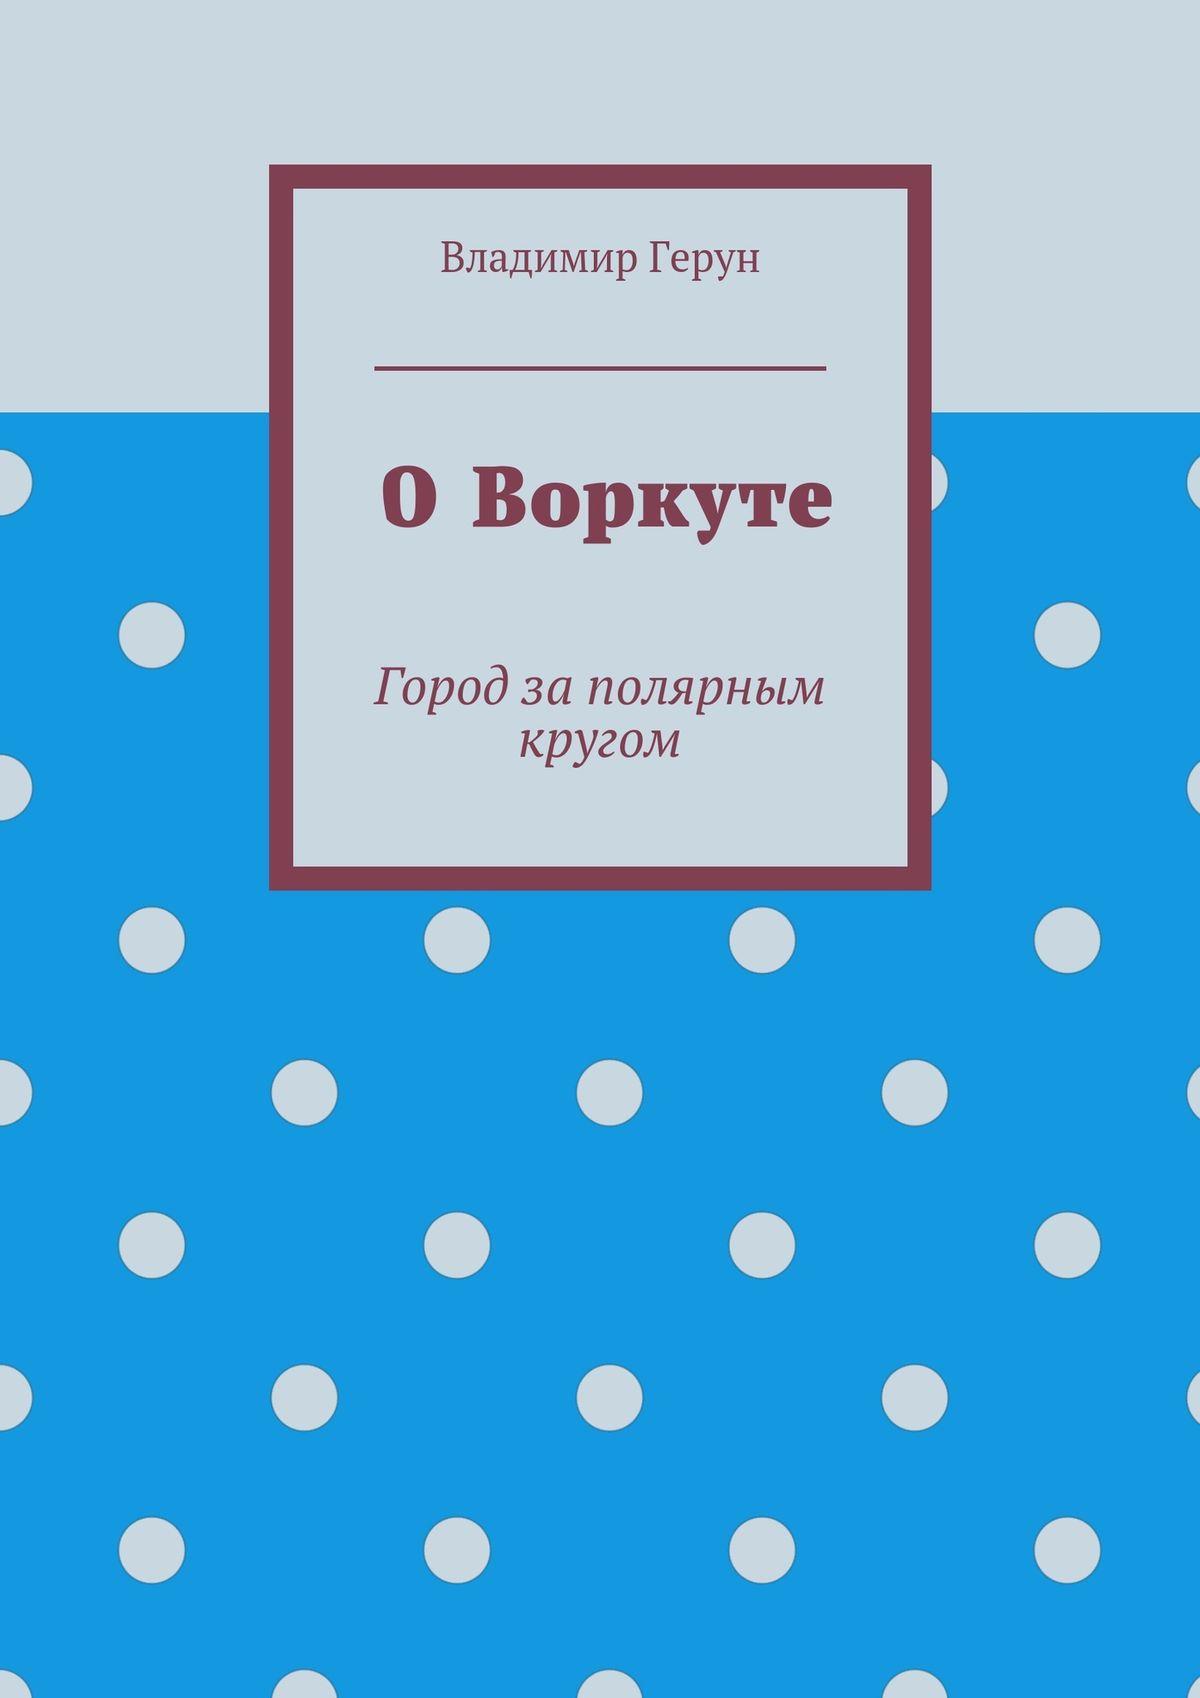 Владимир Герун ОВоркуте. Город заполярным кругом